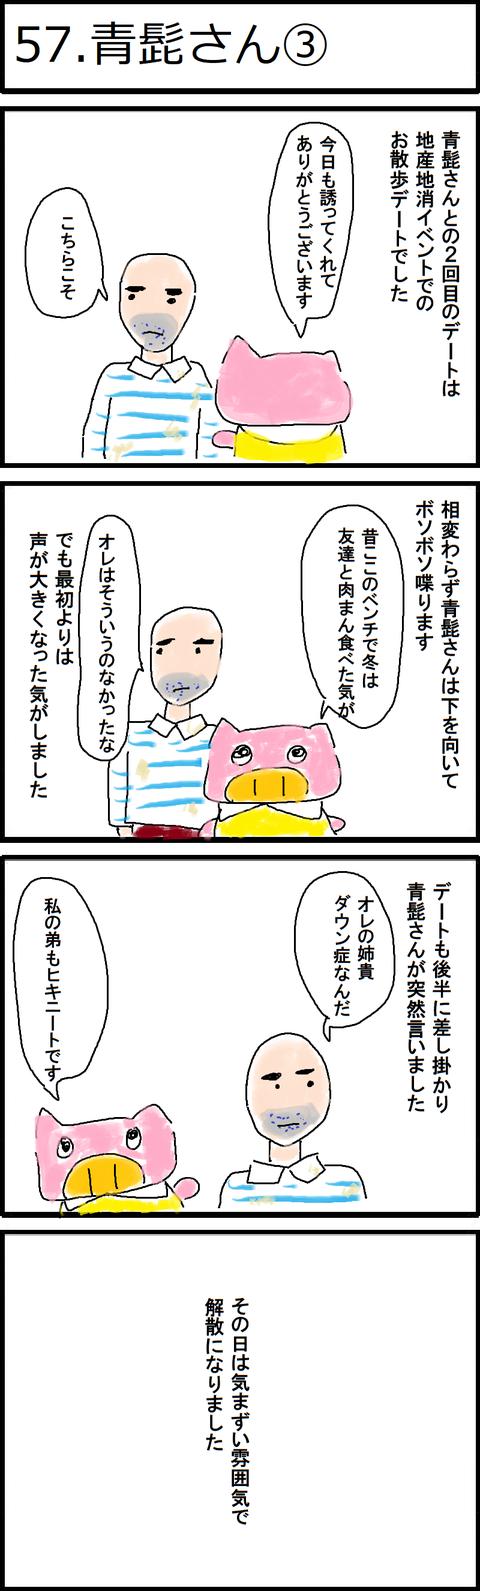 57.青髭さん③